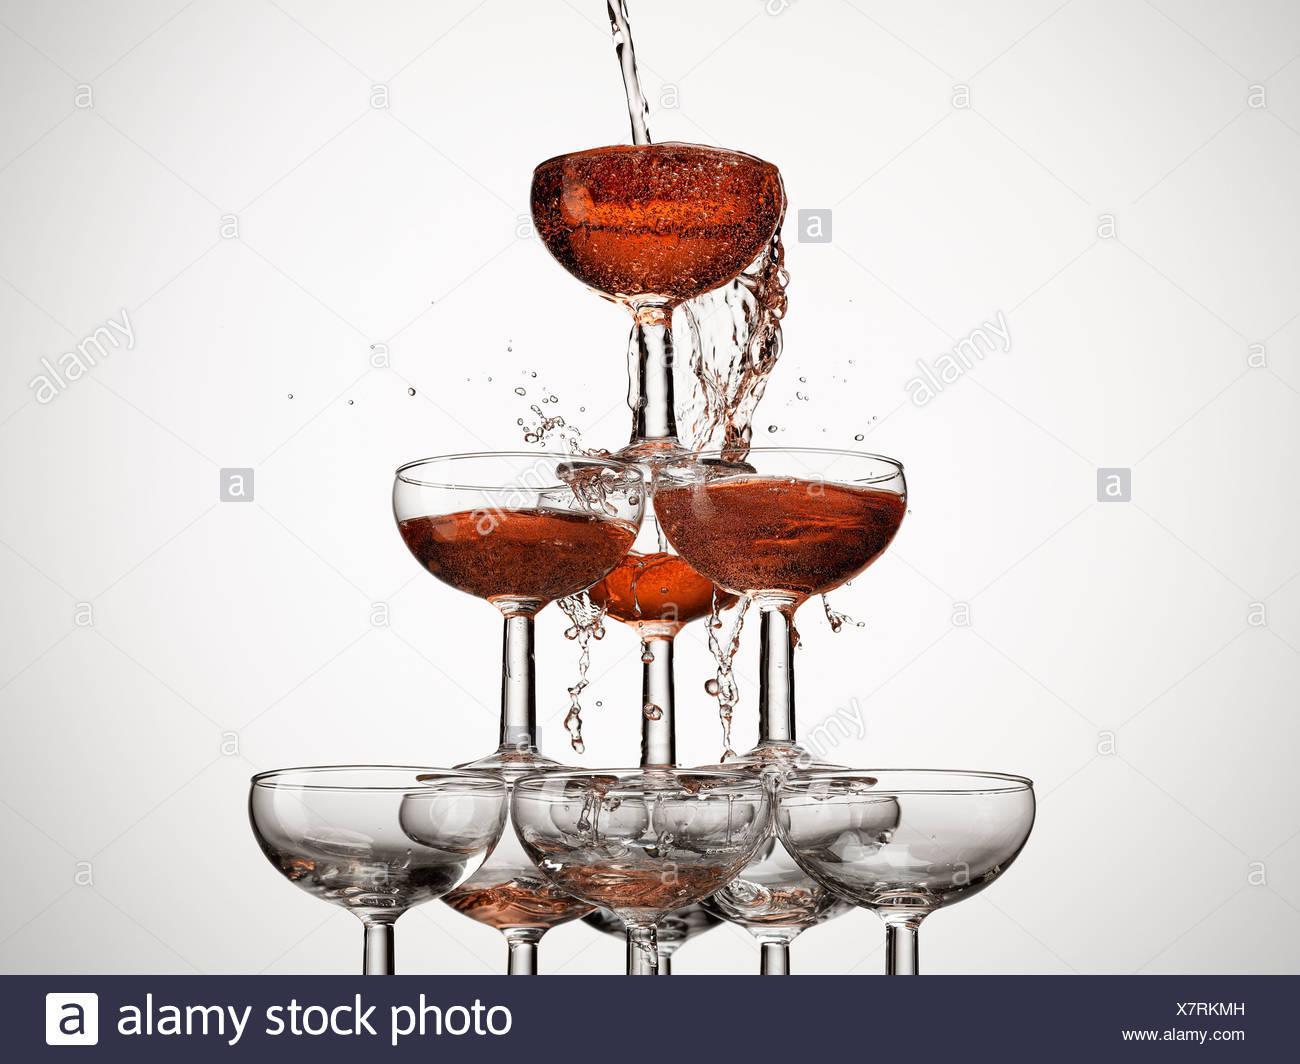 Abundancia,previsión,aspiración,inicios,burbuja,fiesta,vaso de champán,color image,concepto,exceso,llenado,comida y Imagen De Stock